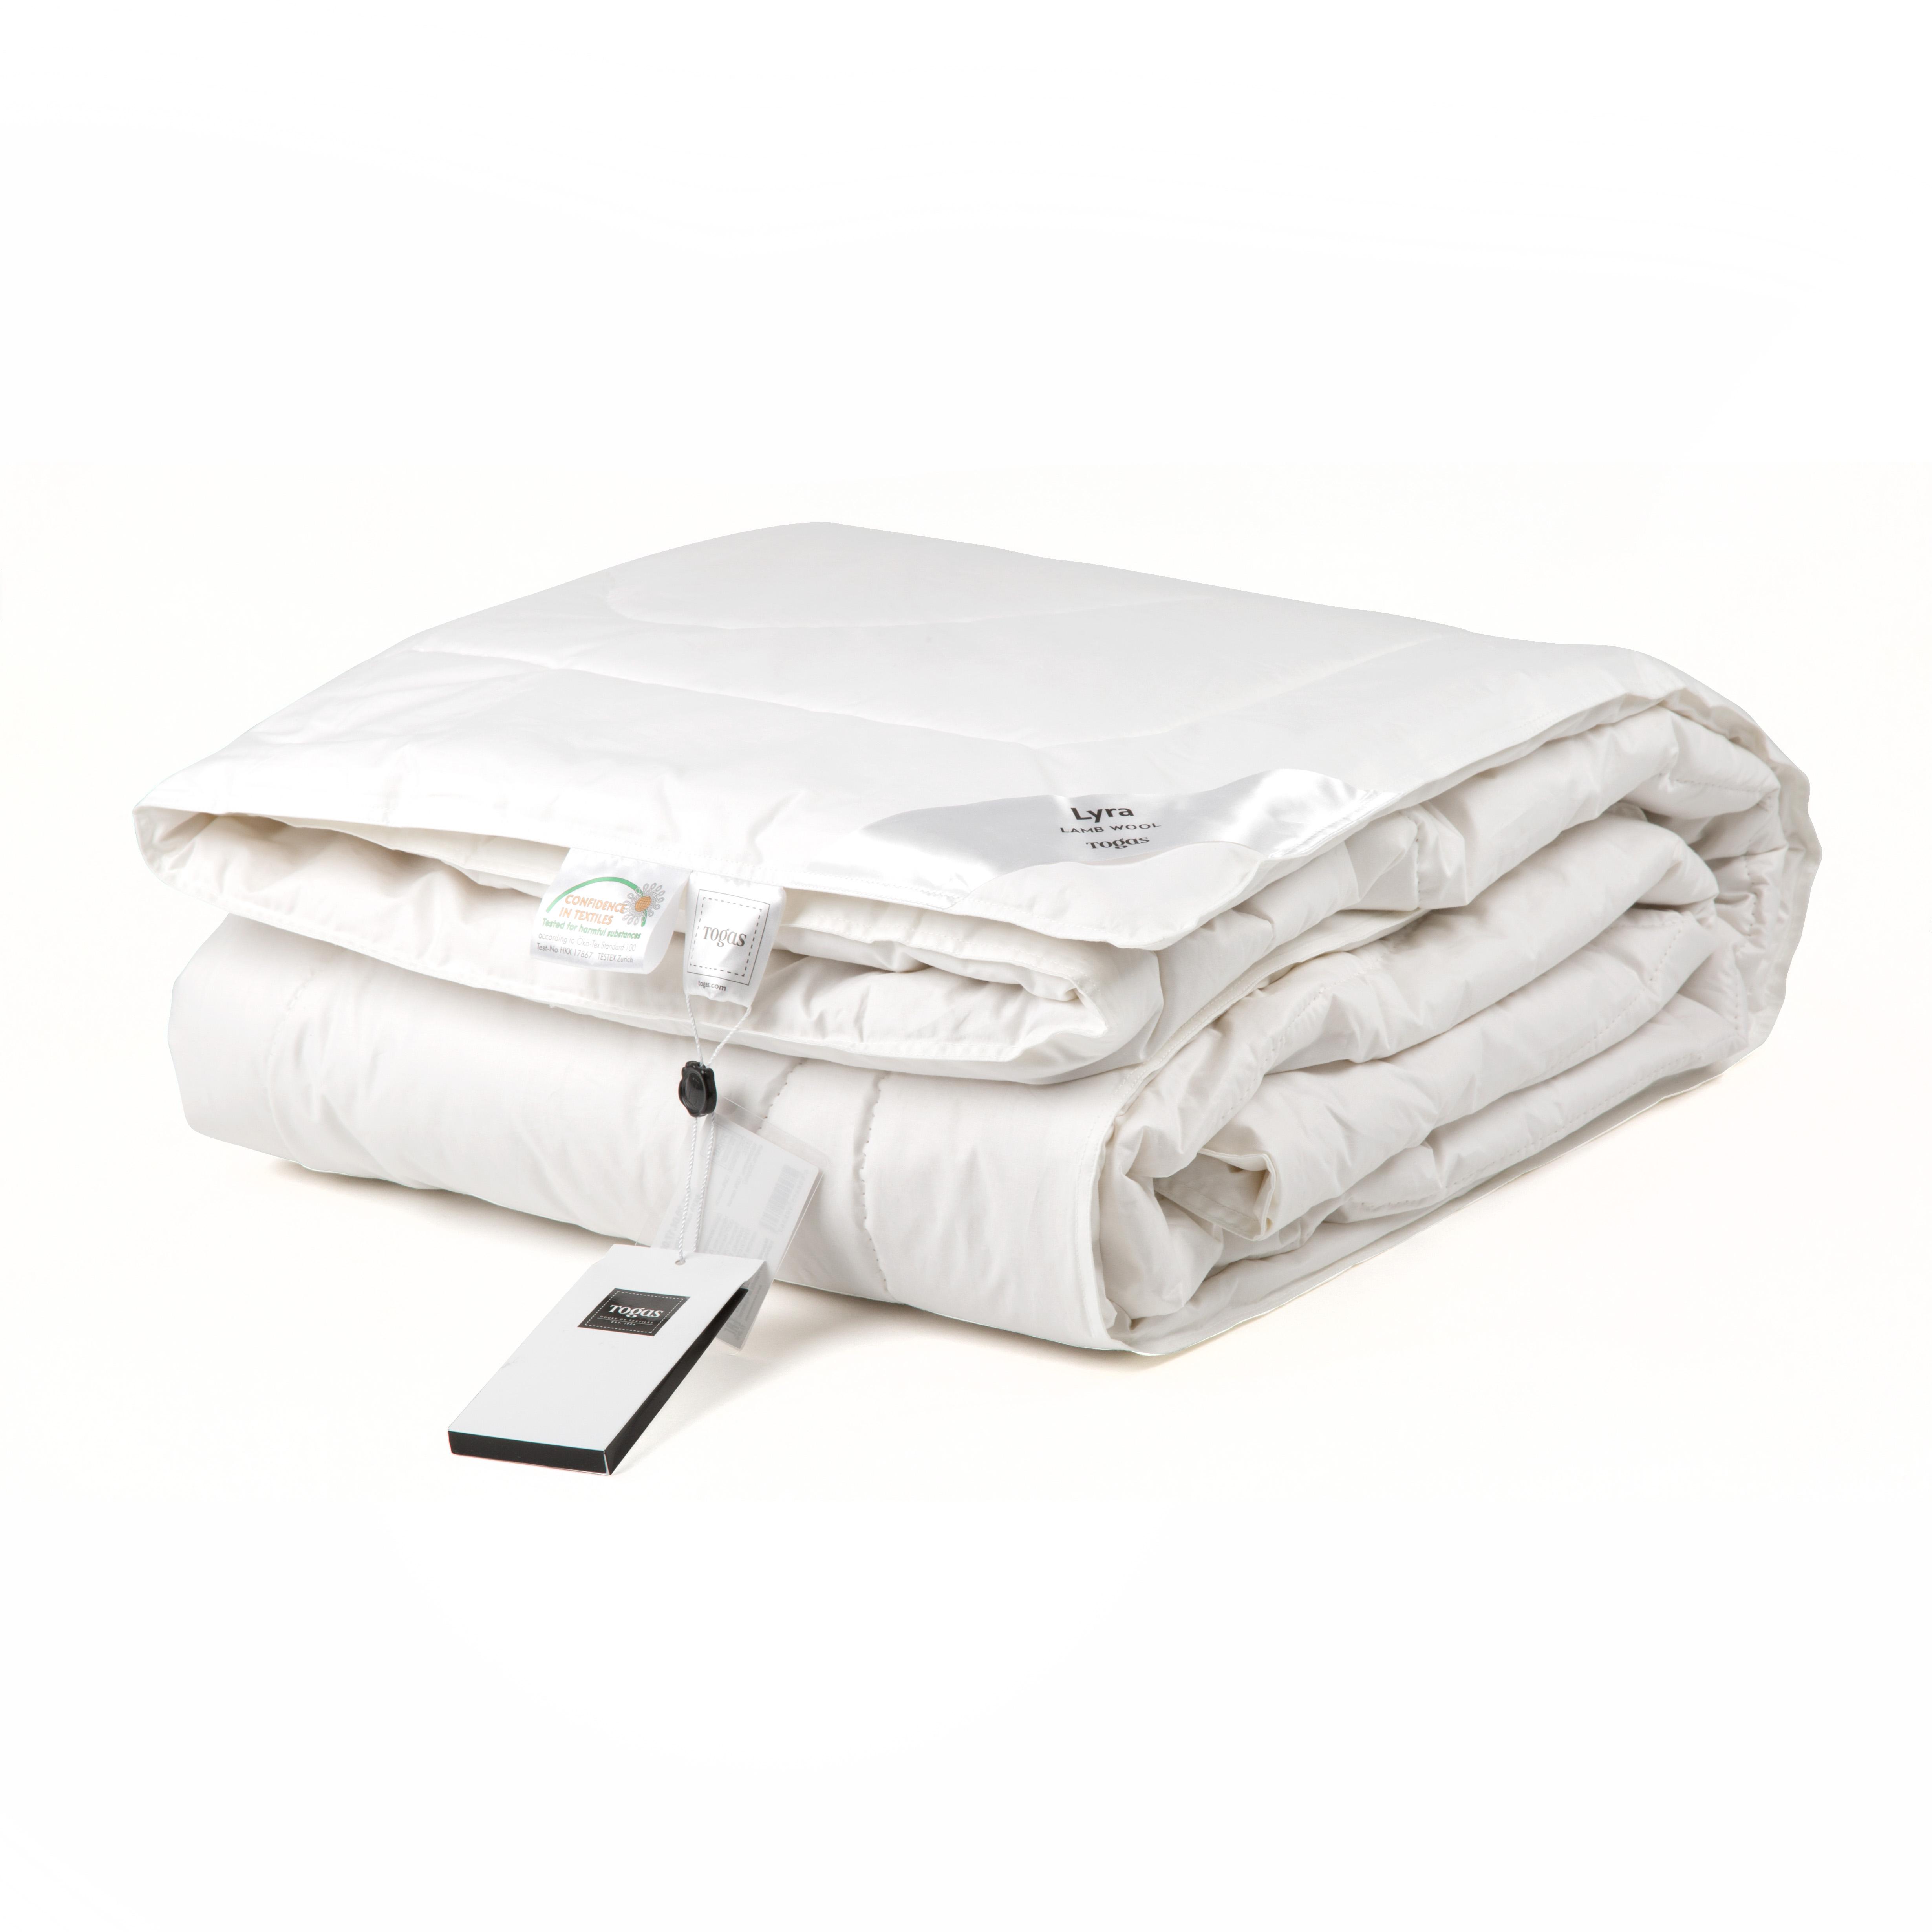 где купить Одеяла Togas Одеяло Лира (220х240 см) по лучшей цене